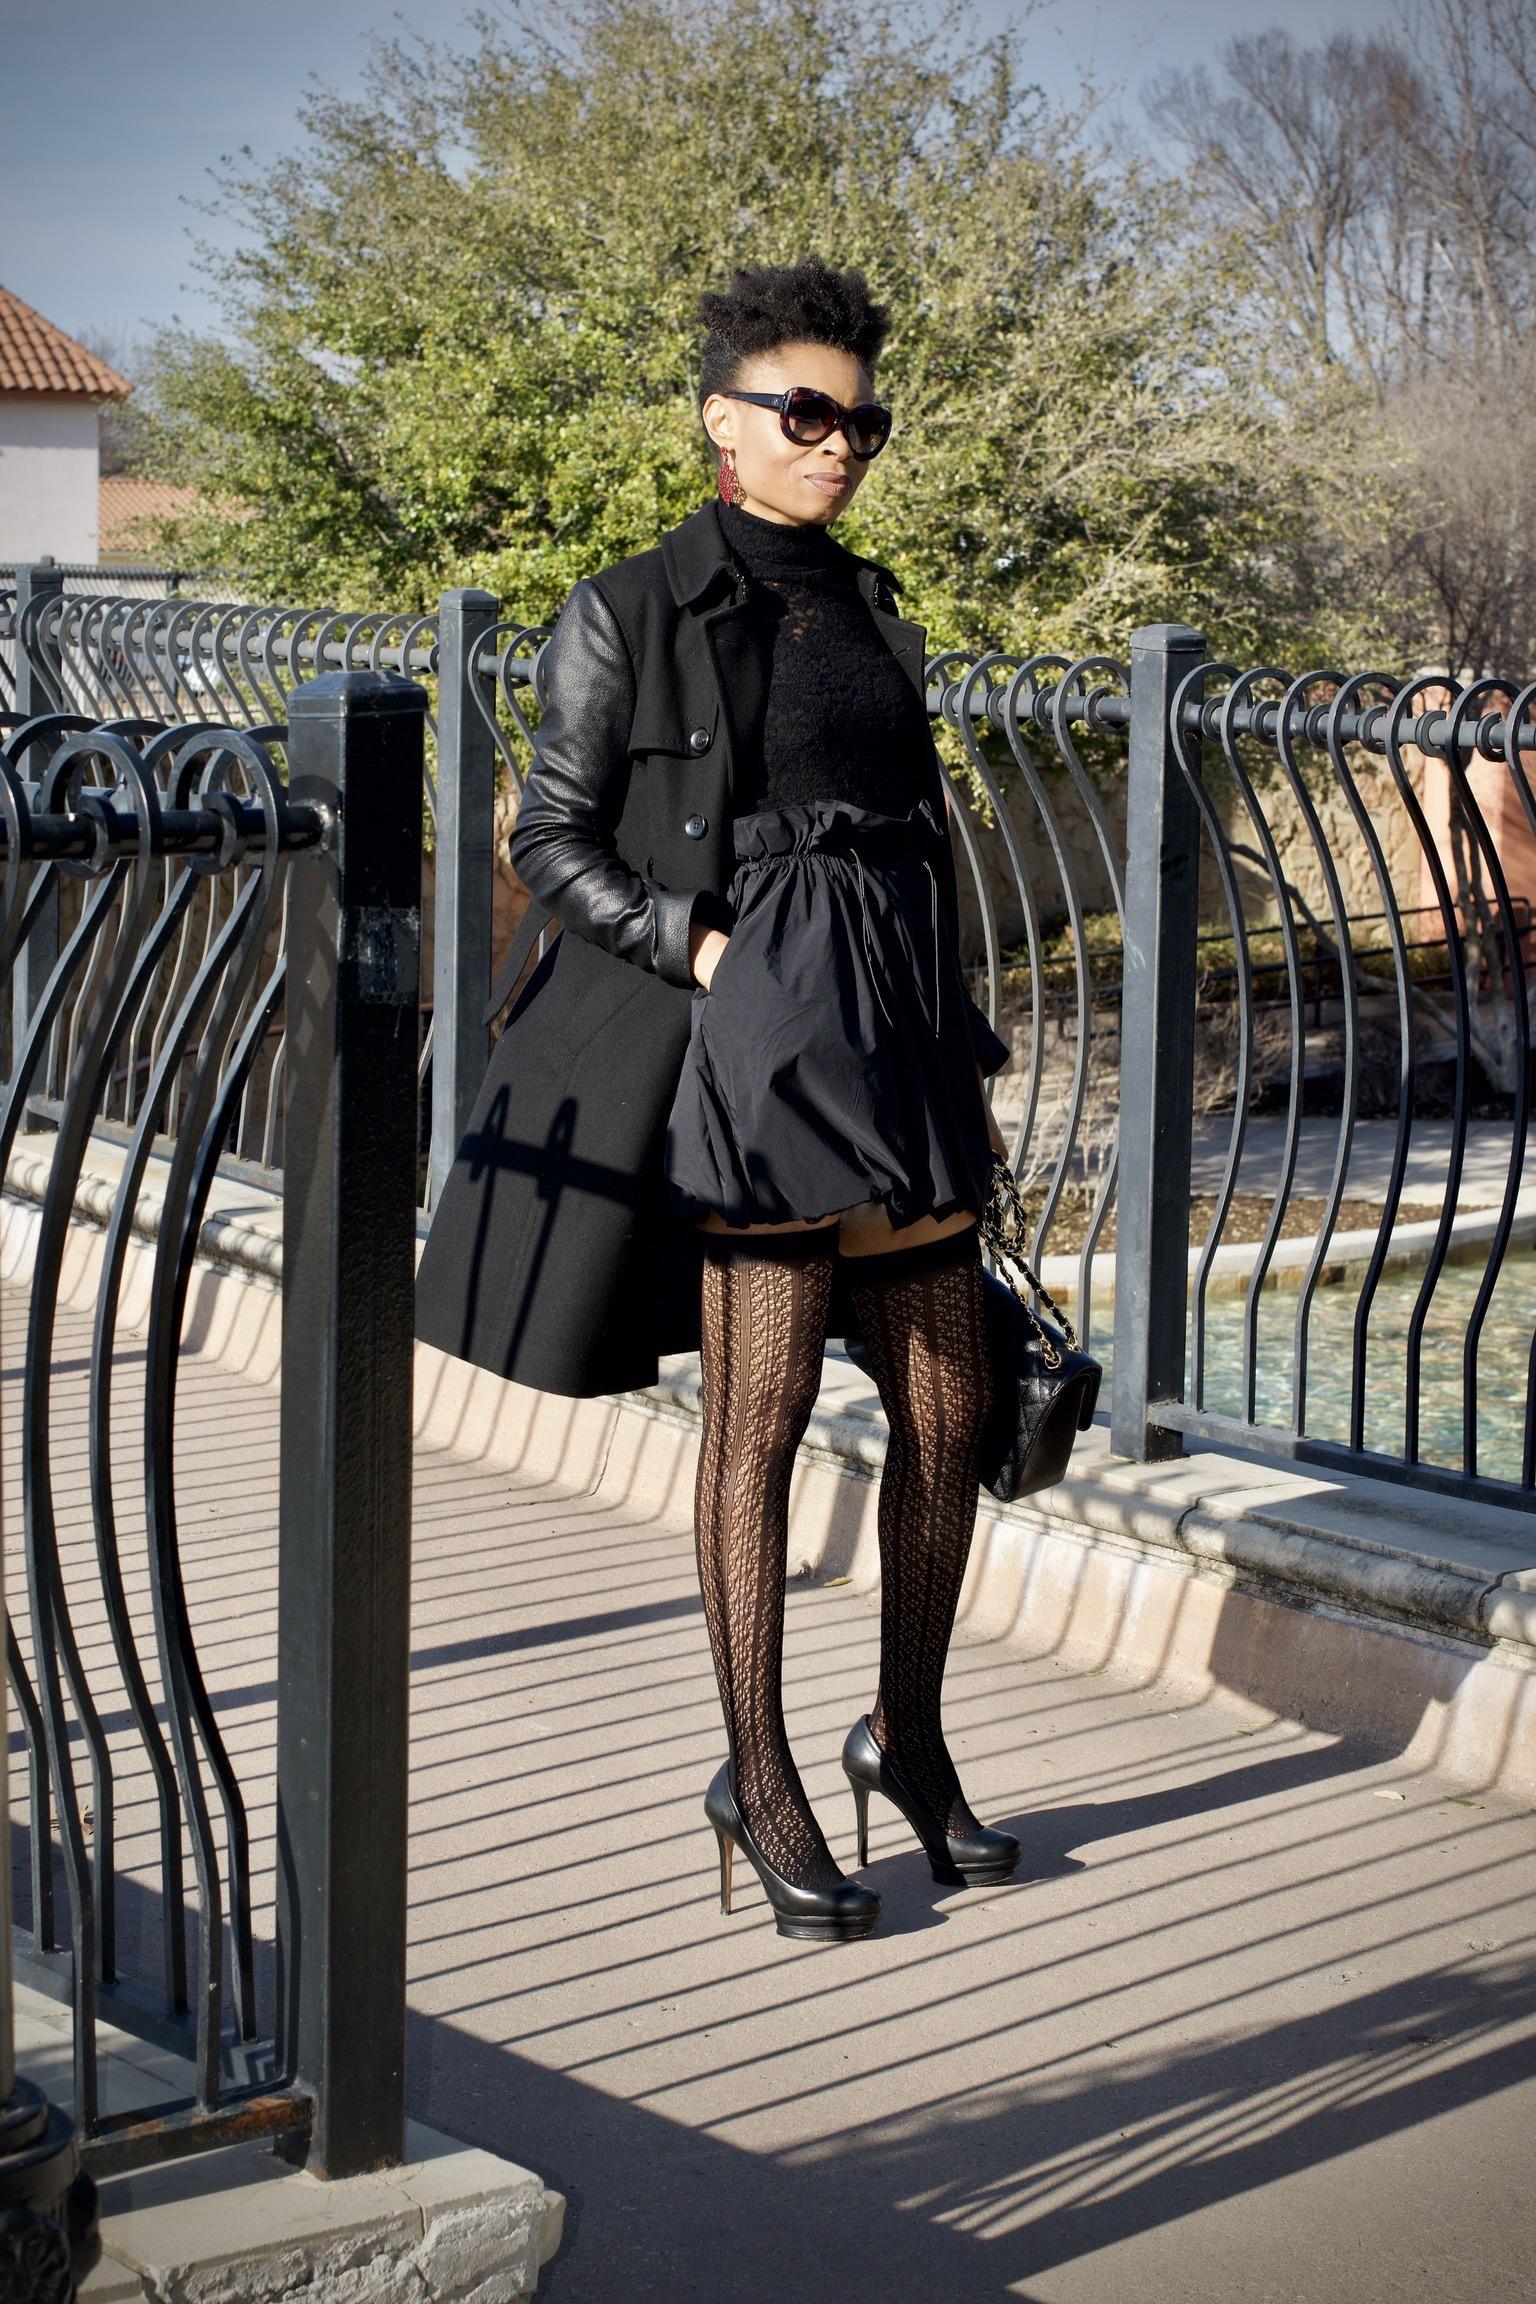 Stylish ways to style a balloon skirt